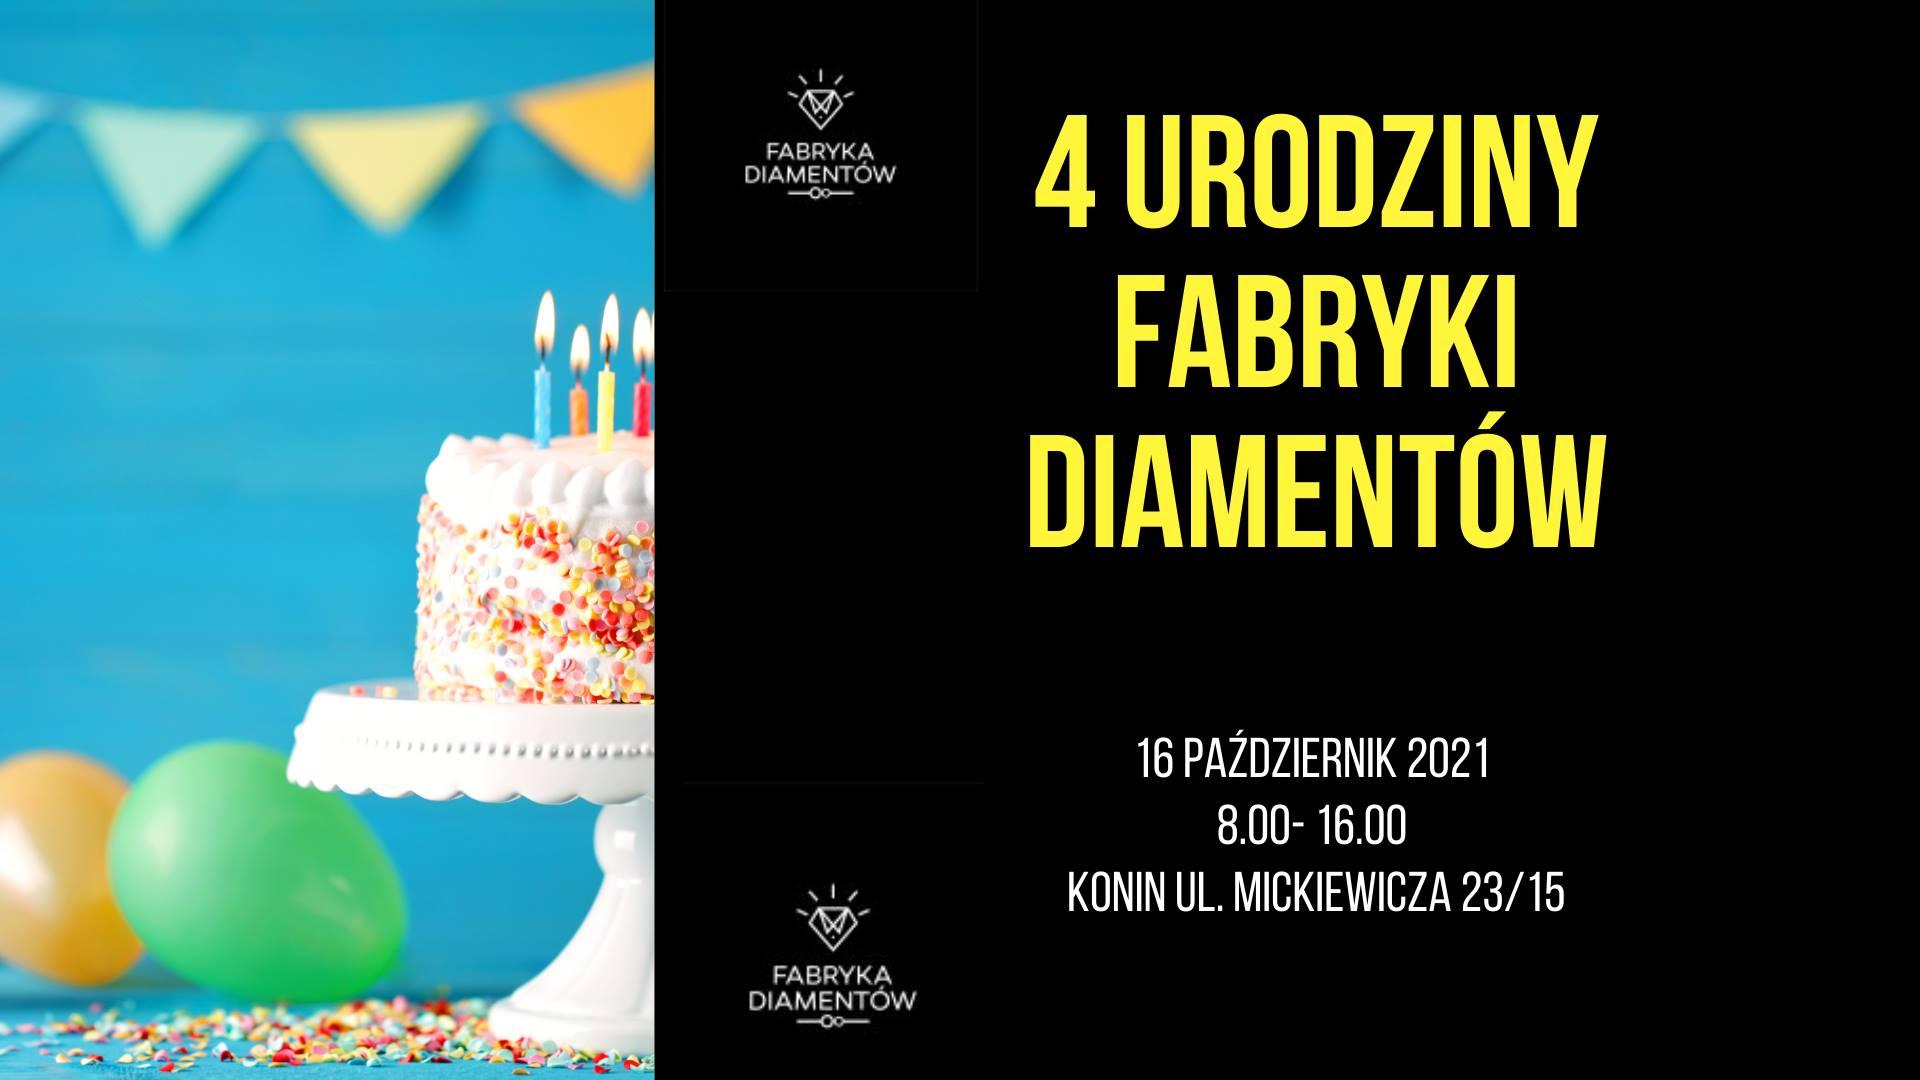 4 Urodziny Fabryki Diamentów